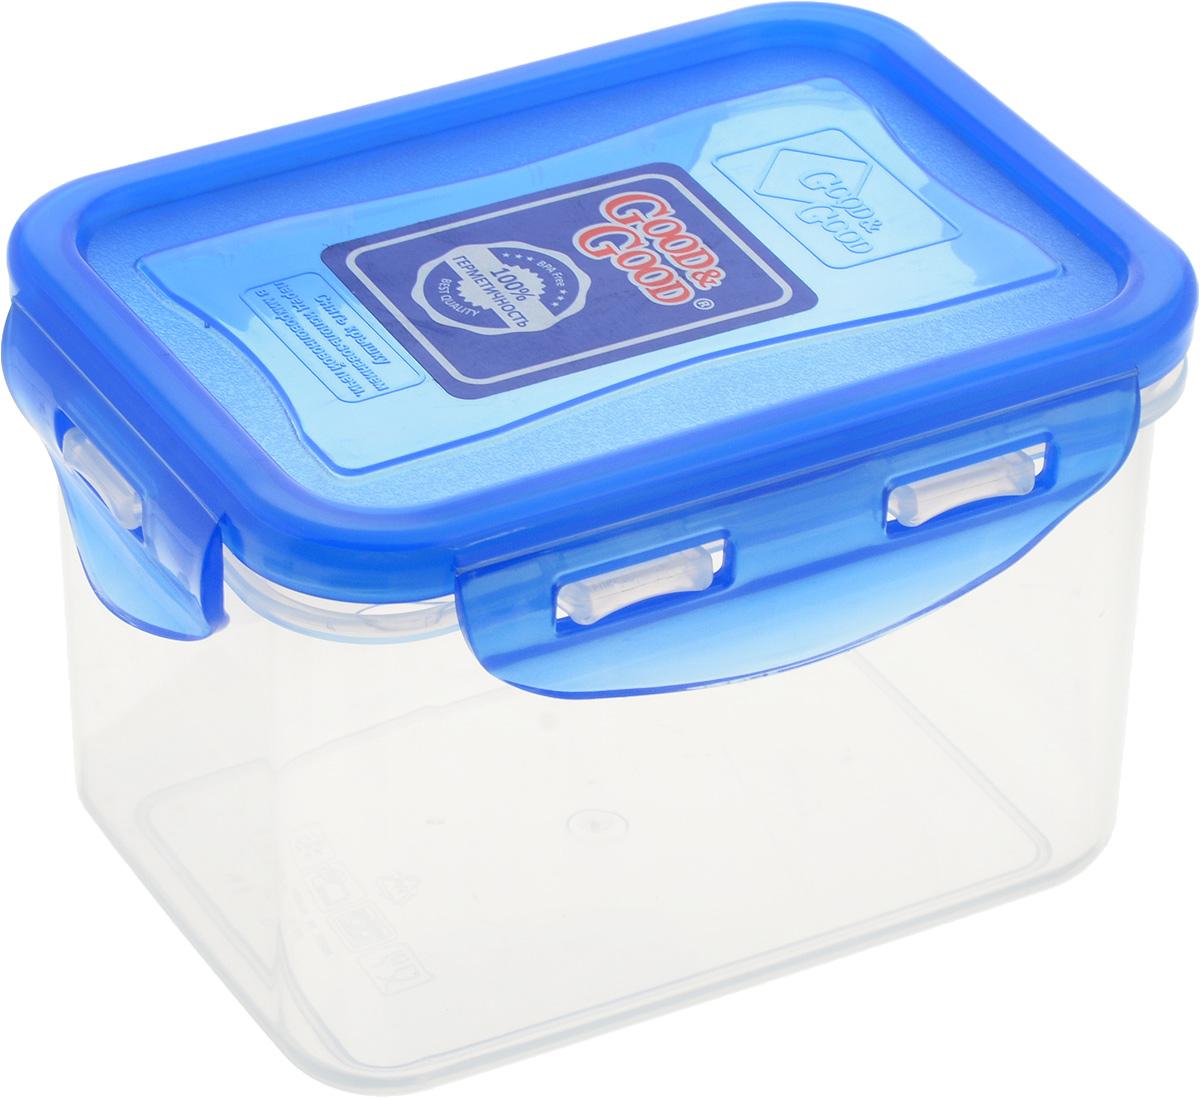 Контейнер пищевой Good&Good, цвет: прозрачный, синий, 630 мл контейнер пищевой good